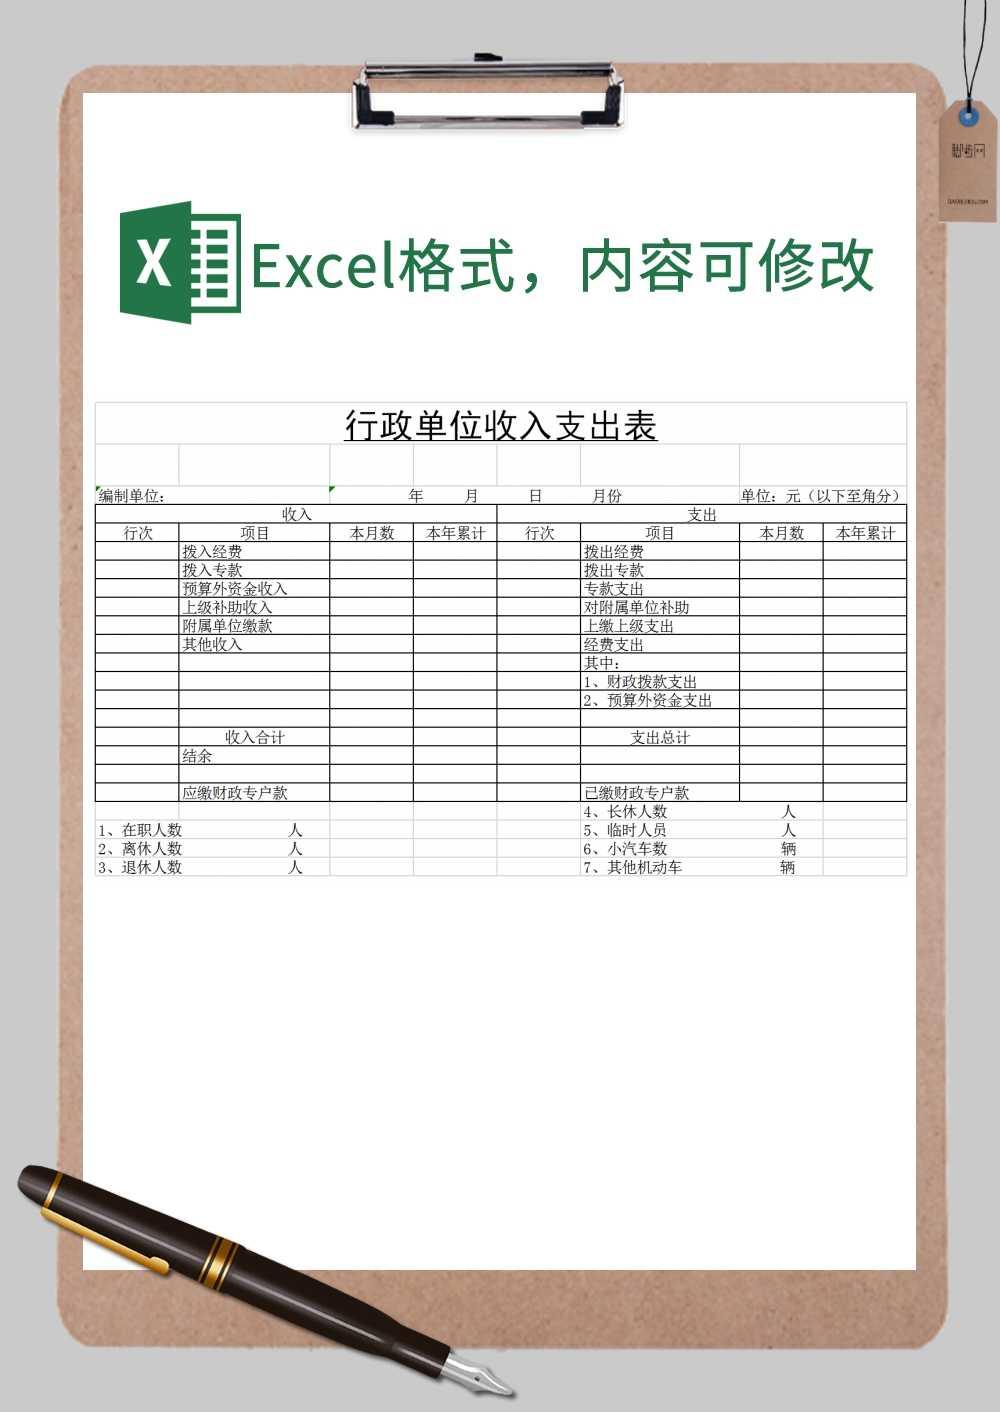 行政单位收入支出表2Excel模板